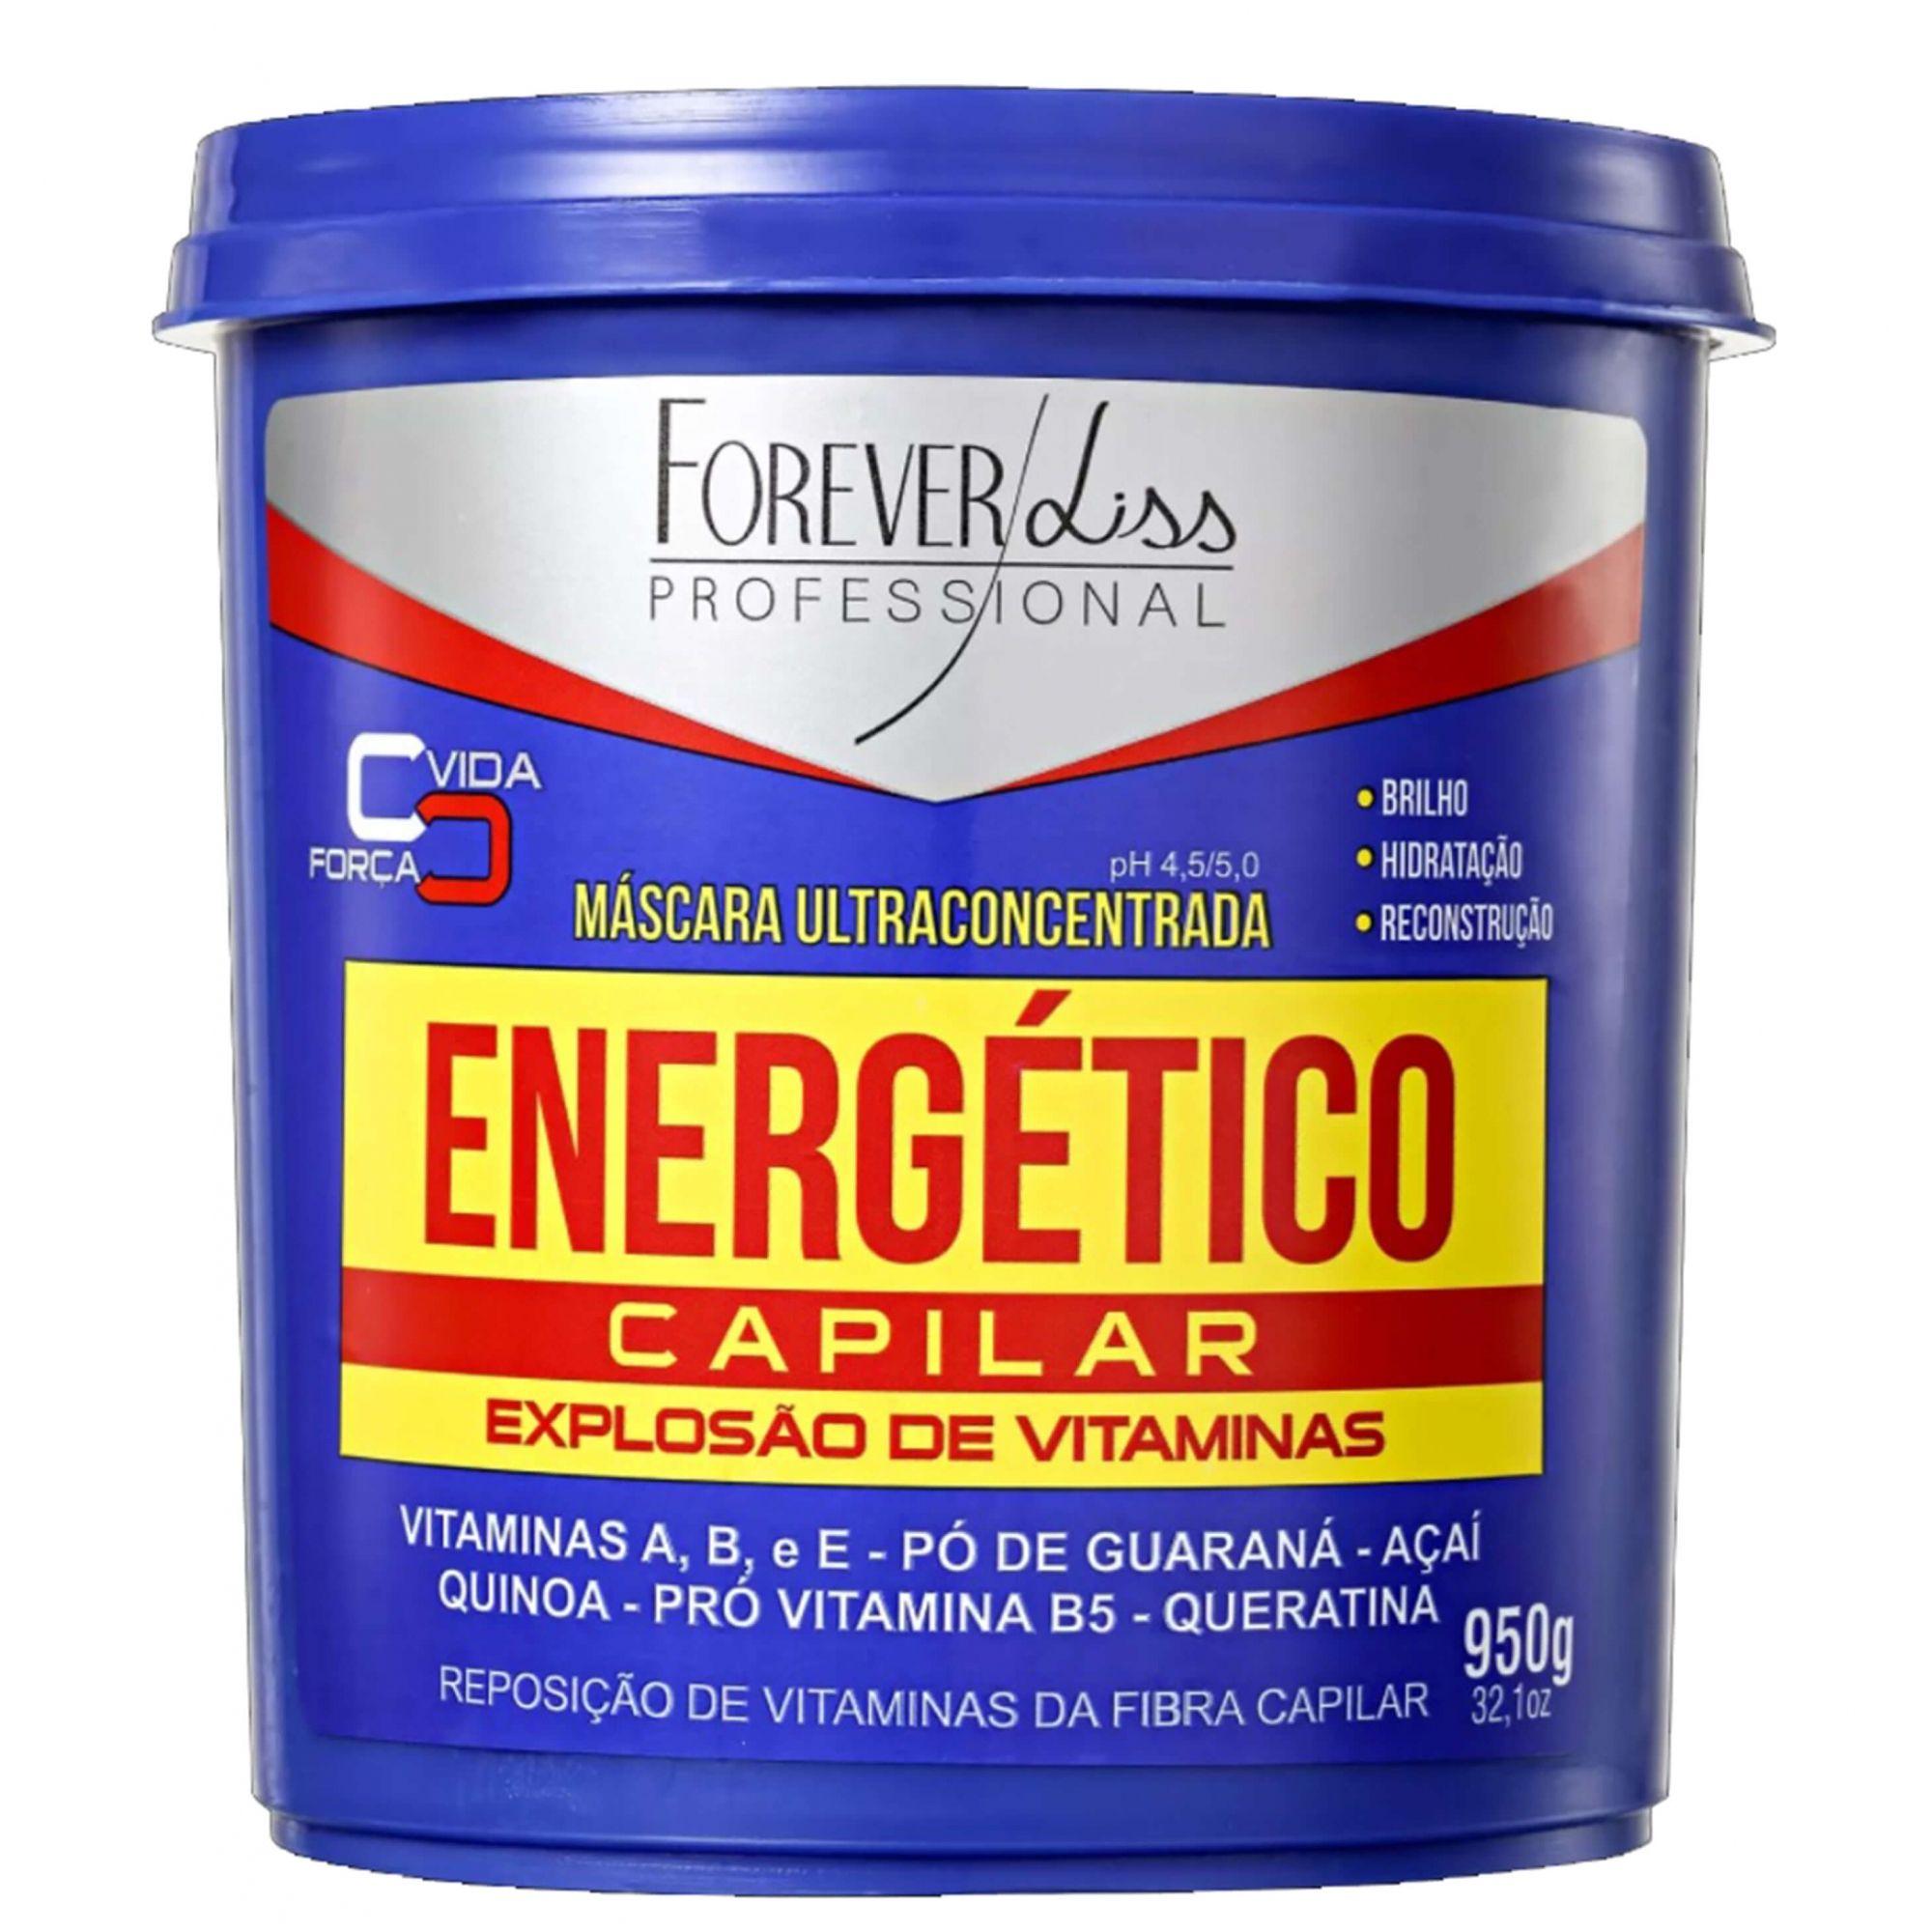 Máscara de Vitaminas Energético Capilar Forever Liss - 950g